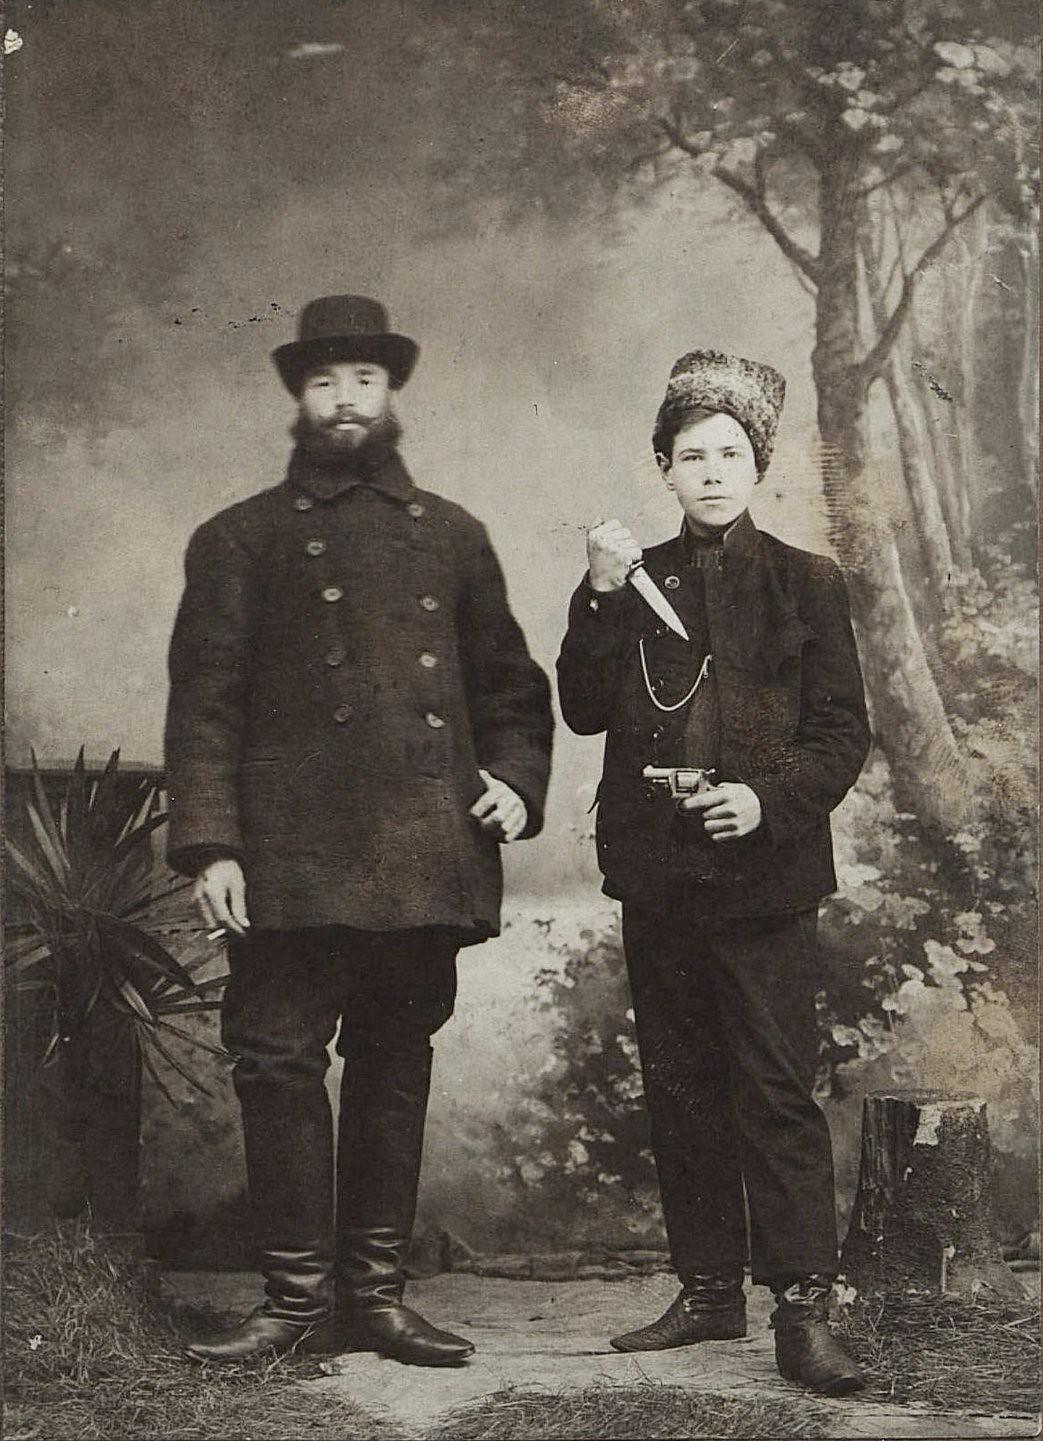 Поликарпов Филипп Романович, золотоискатель, и сын его квартирных хозяев